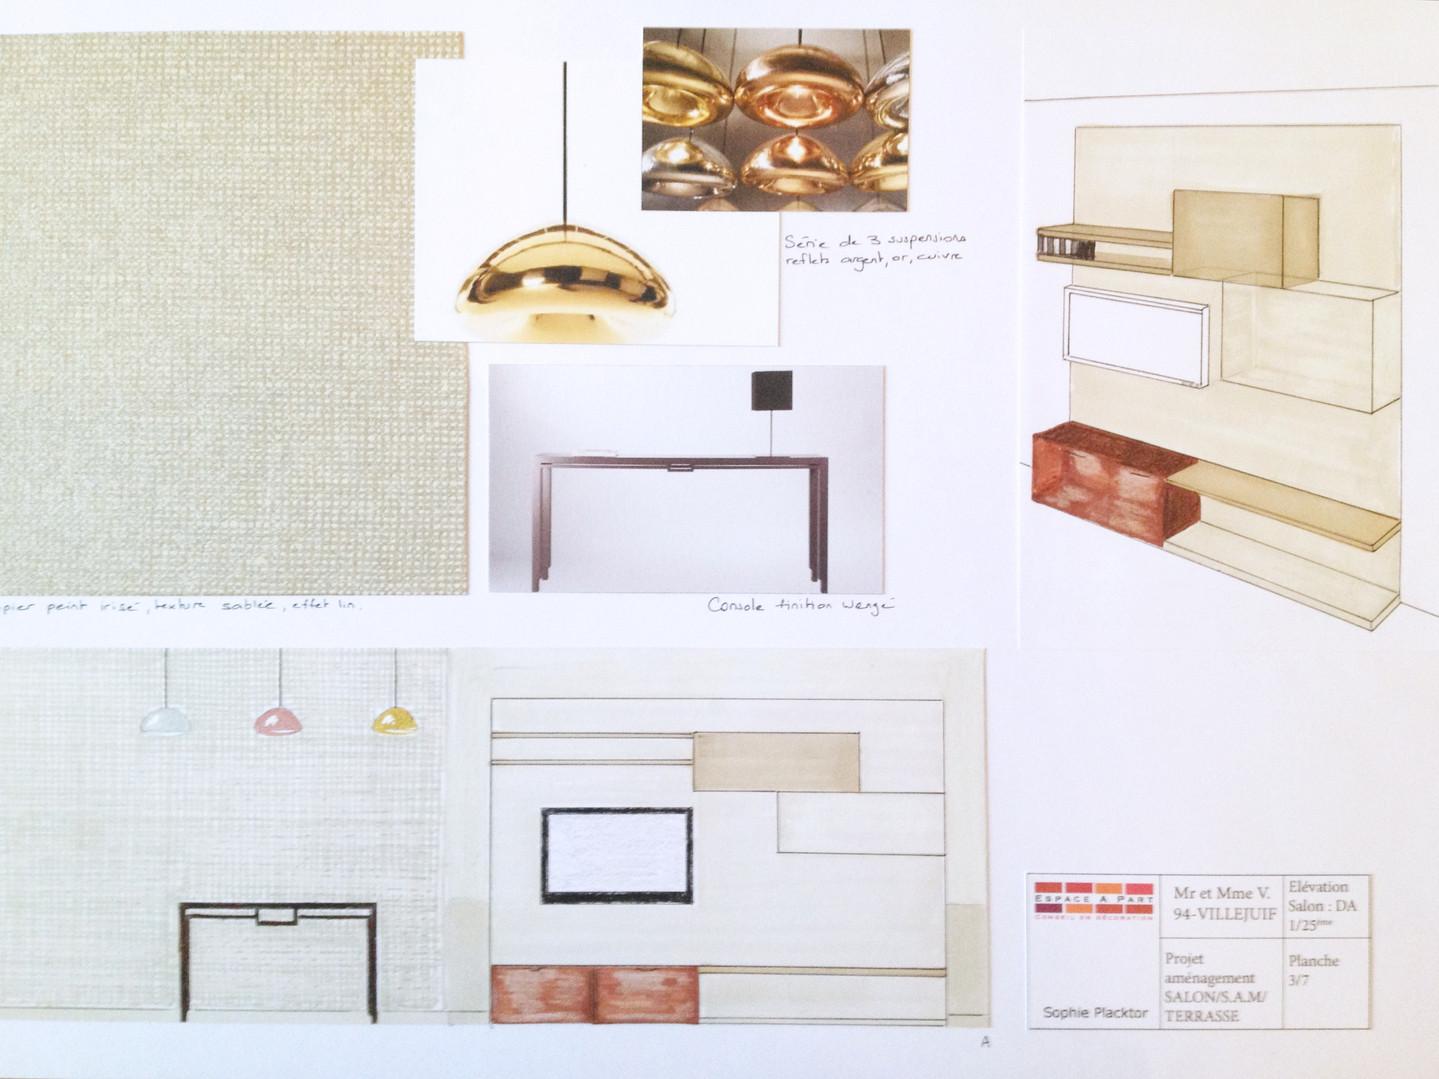 Sélection mobilier et accessoires Villejui .jpg